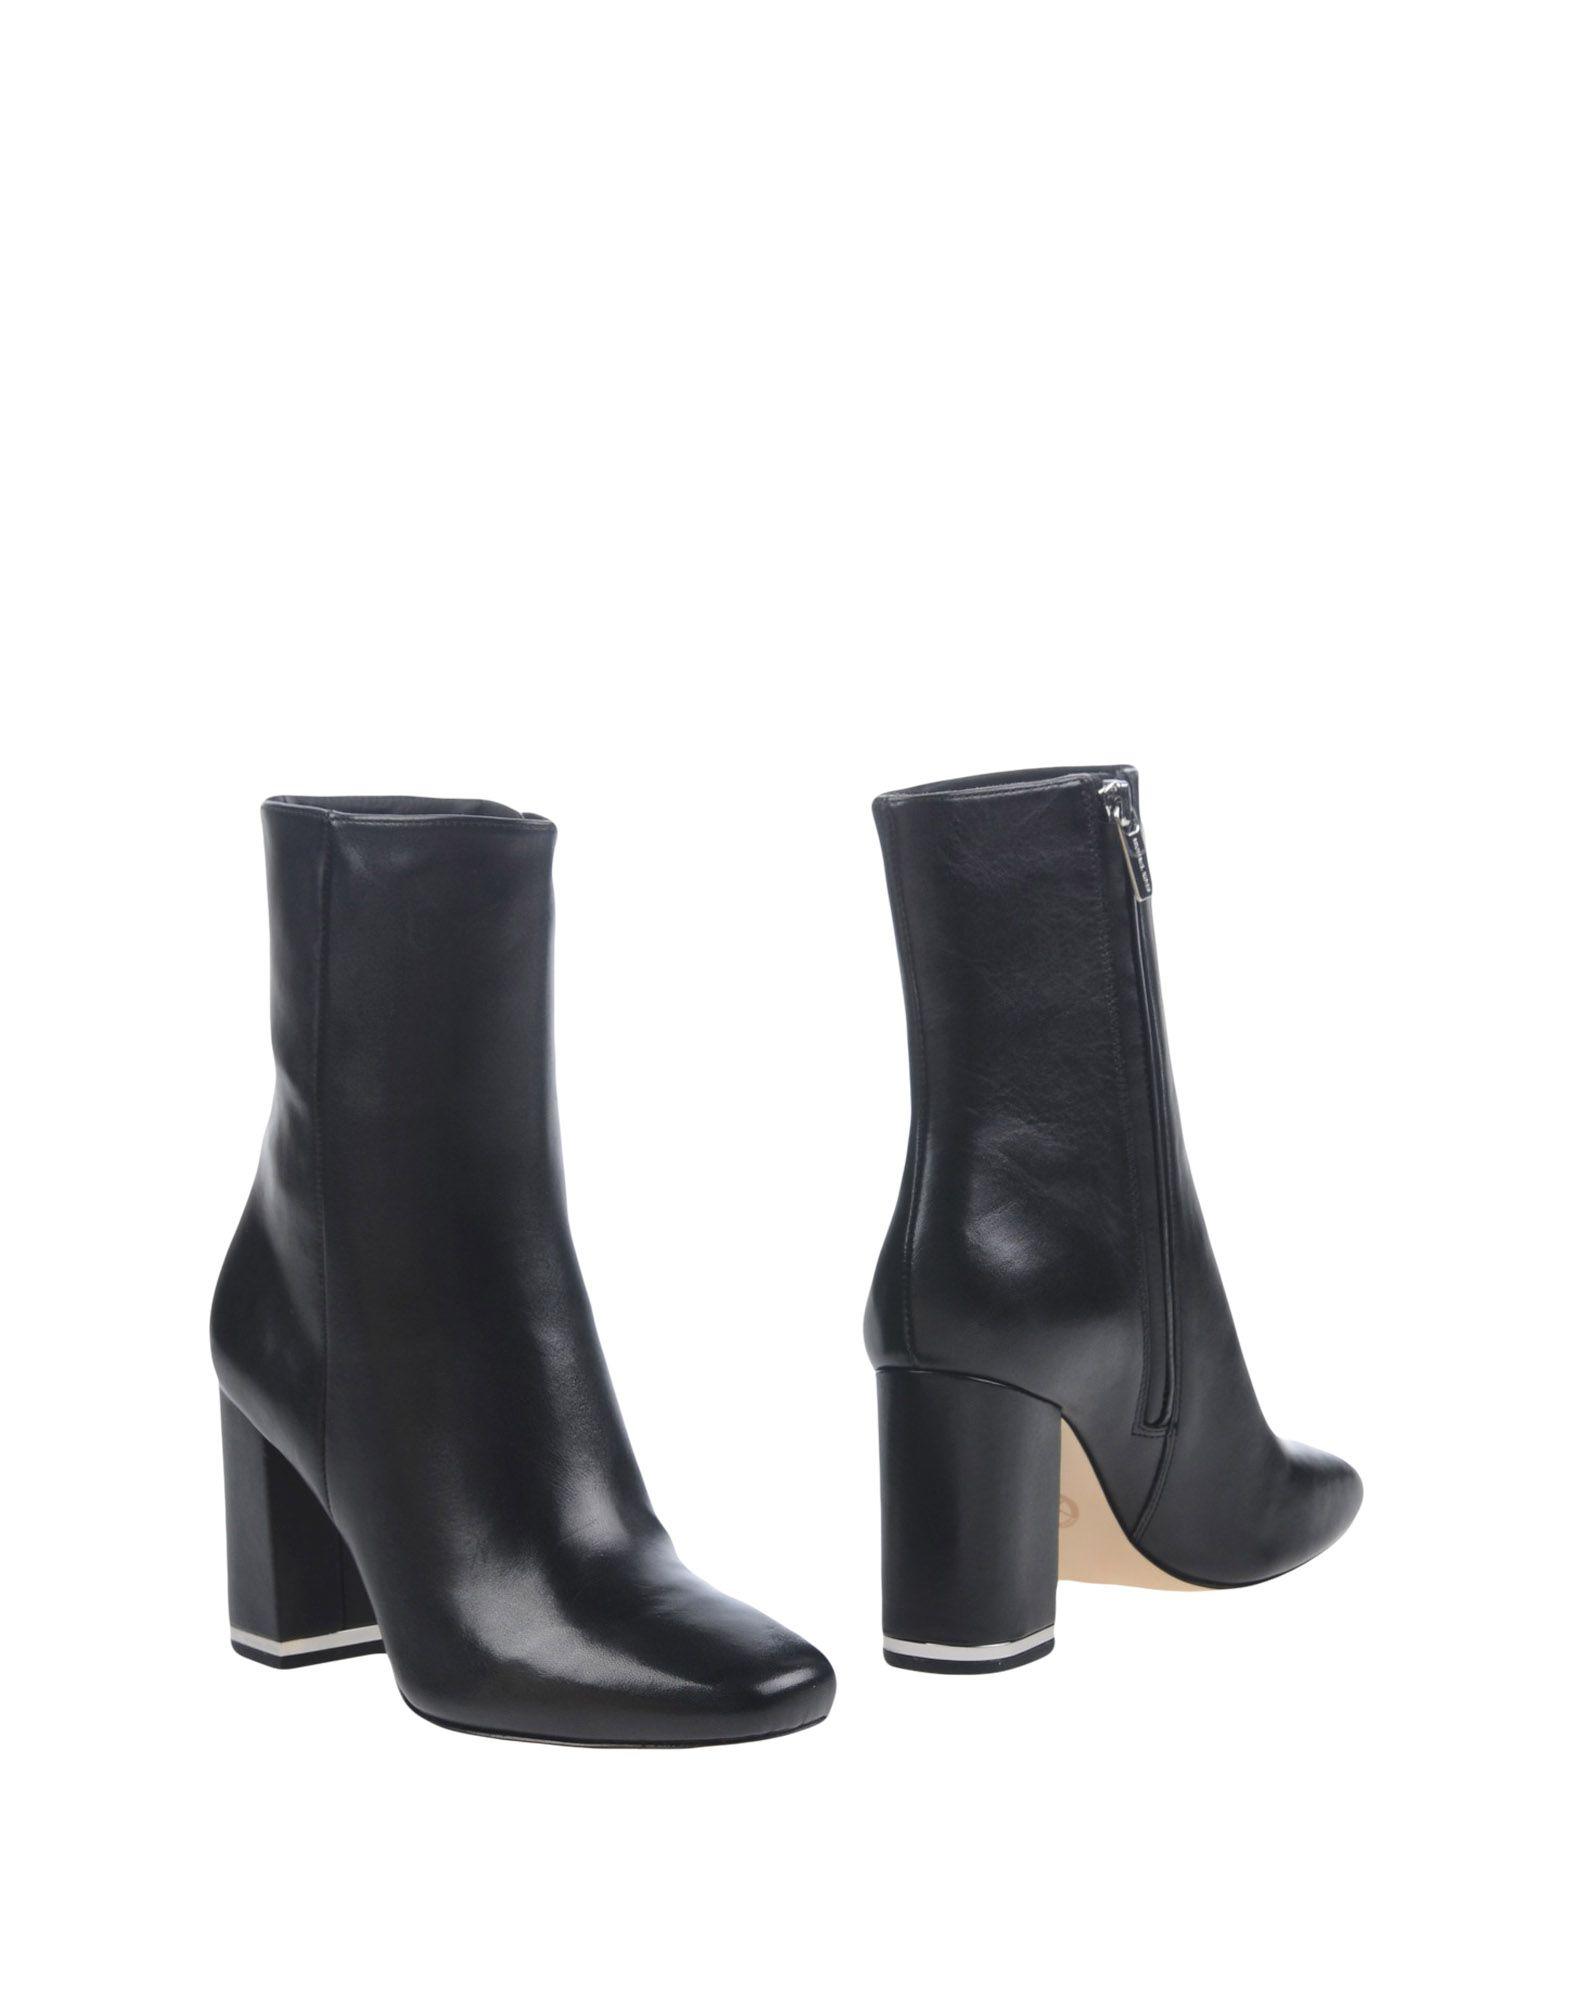 Stivali Unlace Donna - 11528751SC Scarpe economiche e buone